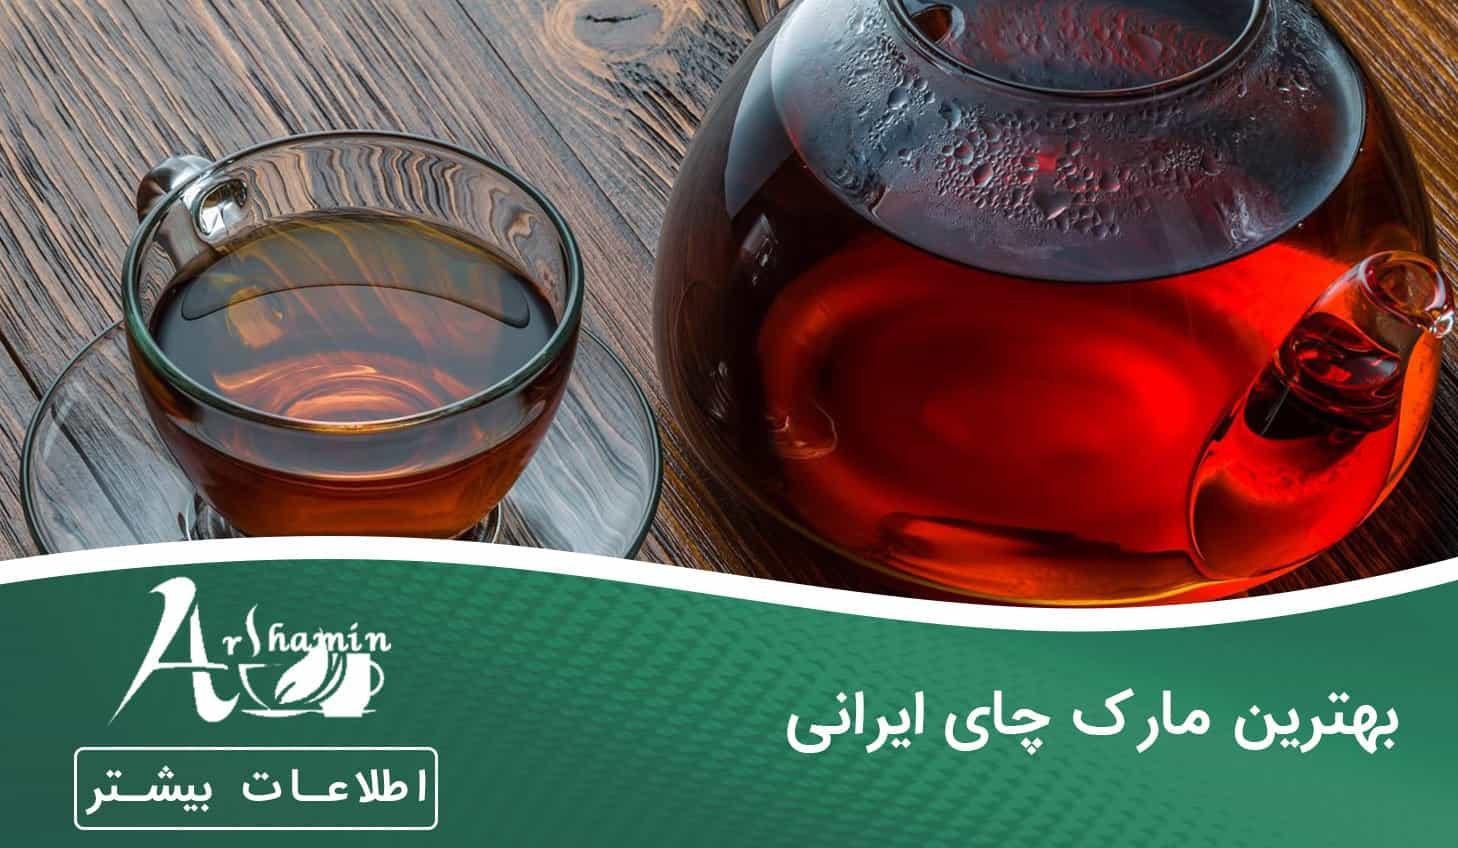 بهترین مارک چای ایرانی